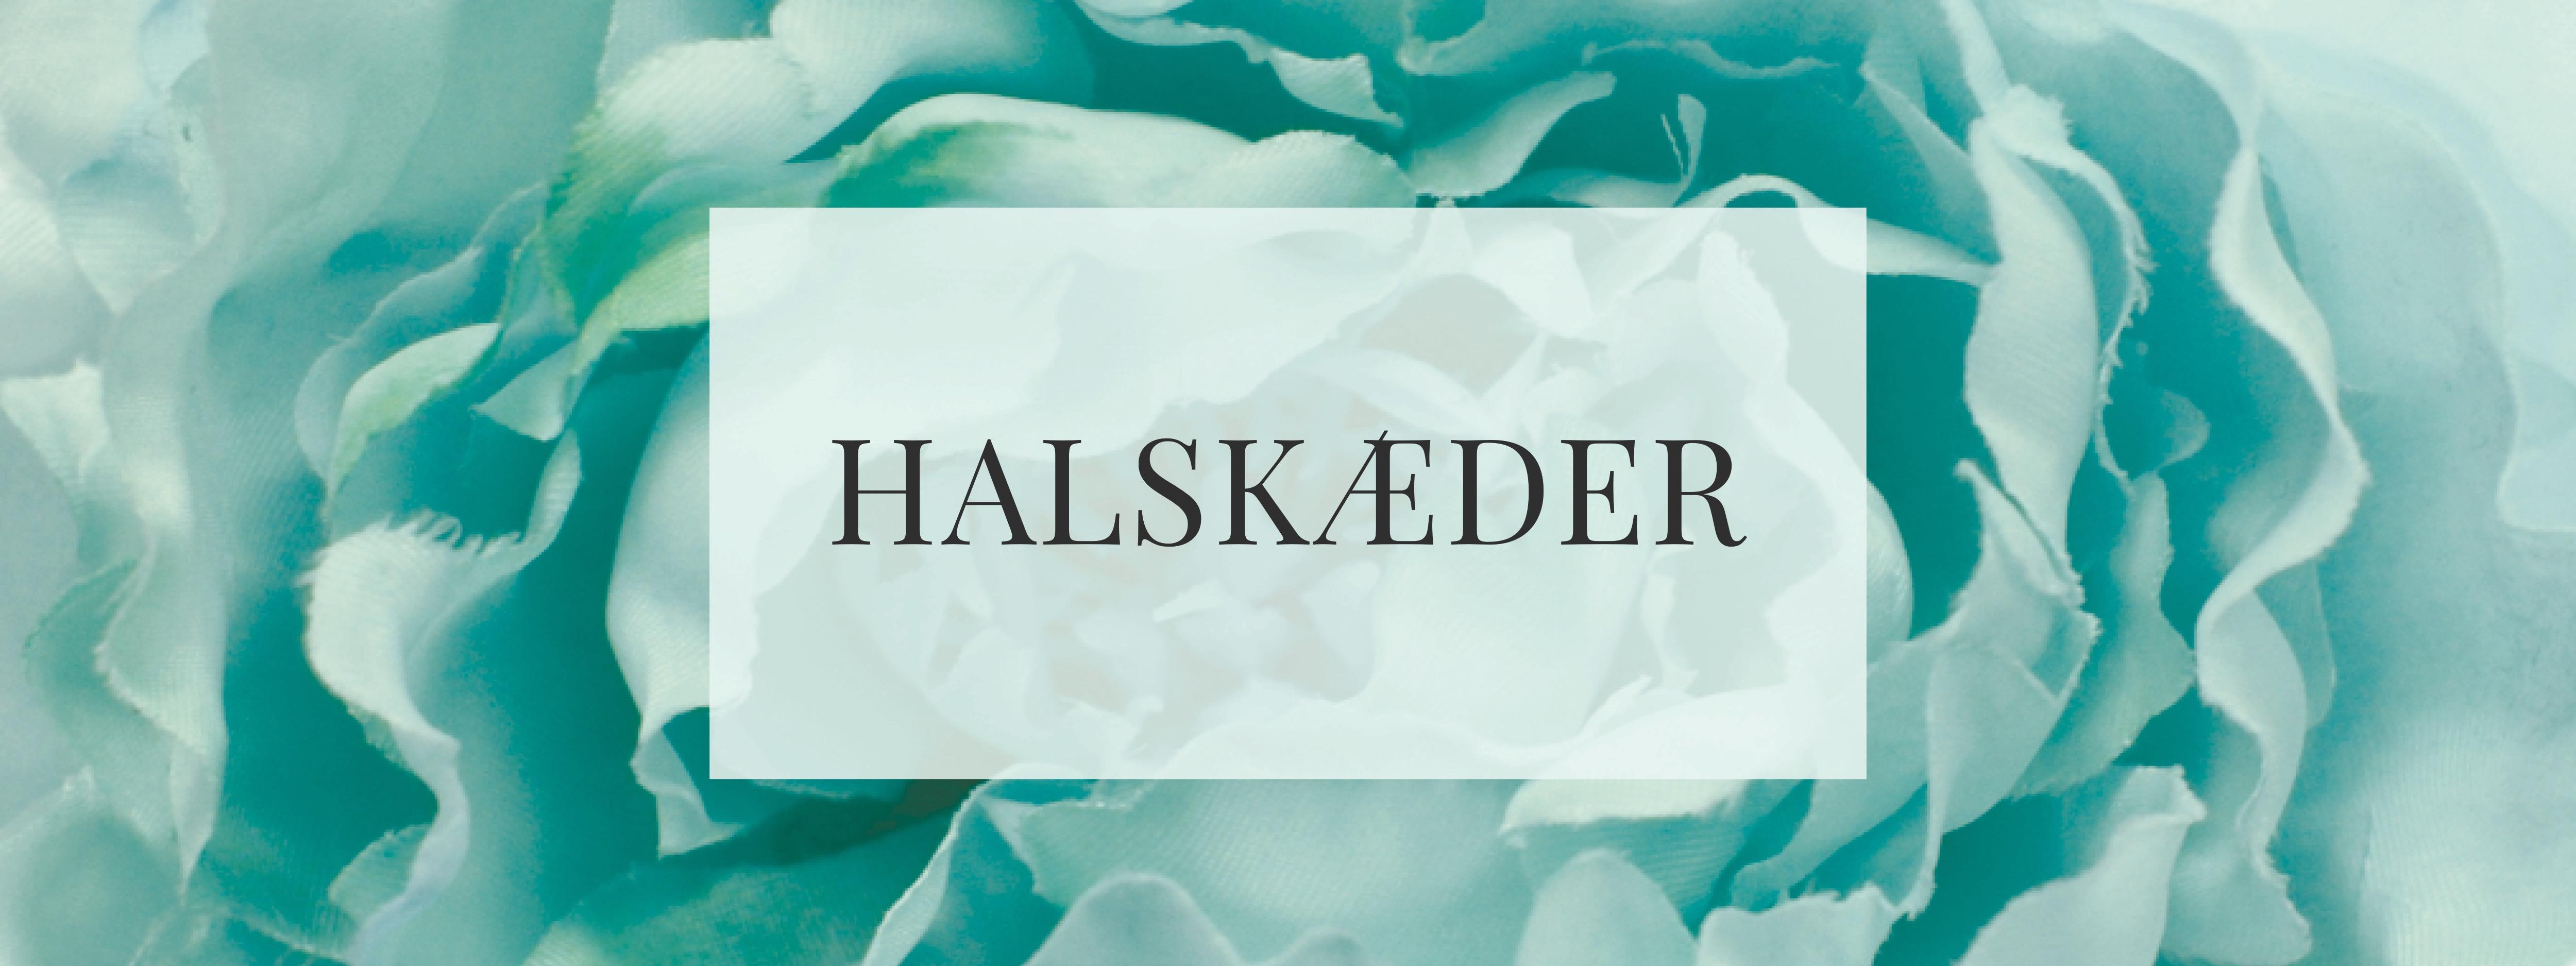 KATEGORI HALSKÆDER-SLIDER -FOTO